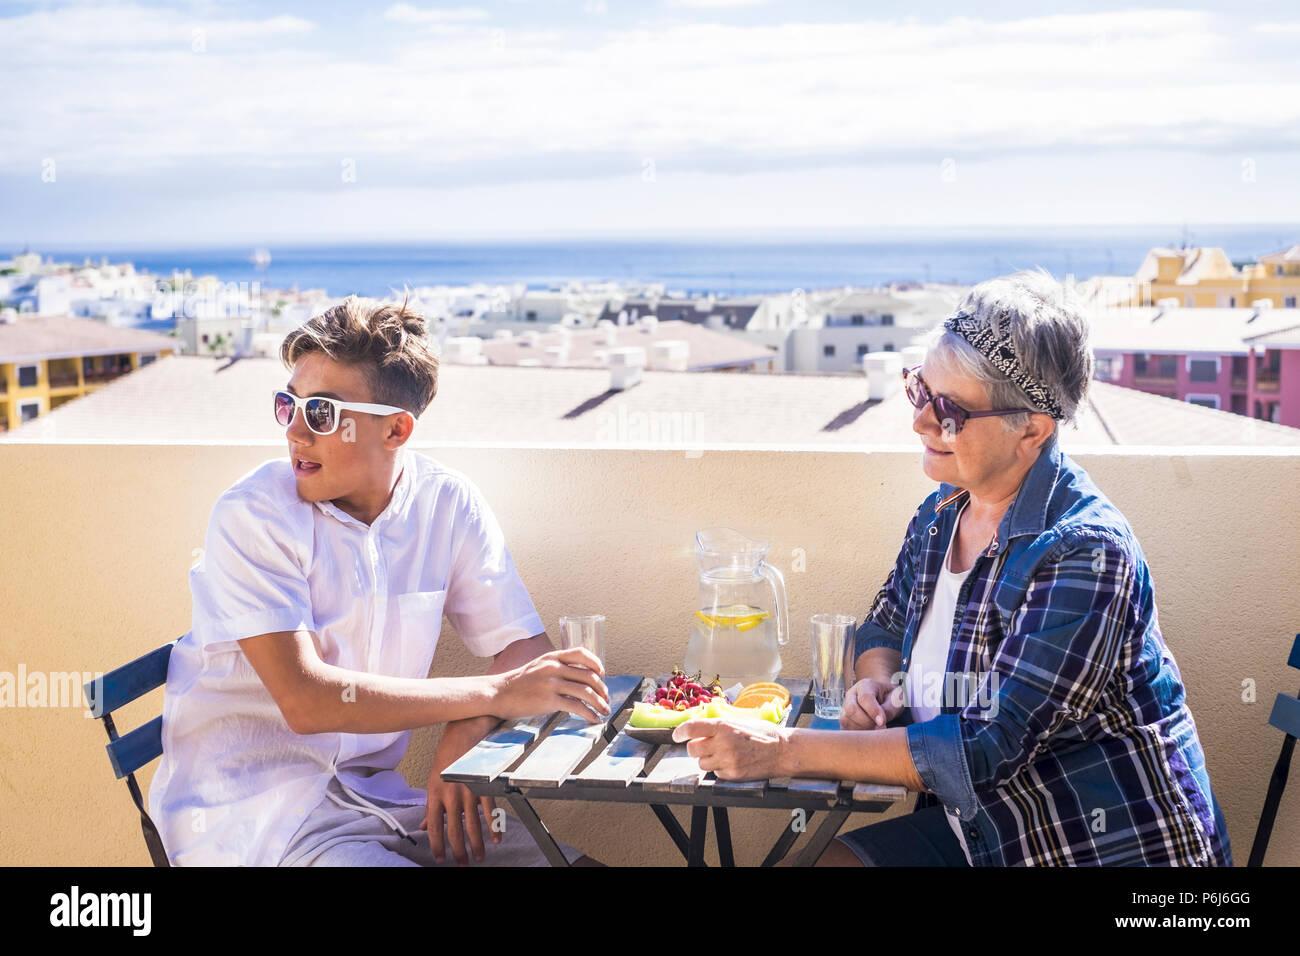 Paar junge und alte Menschen und junge Frau Großmutter und Neffe für Familie Konzept lifestyle Freizeit Aktivität etwas Essen auf der Terrasse auf dem Dach Stockbild